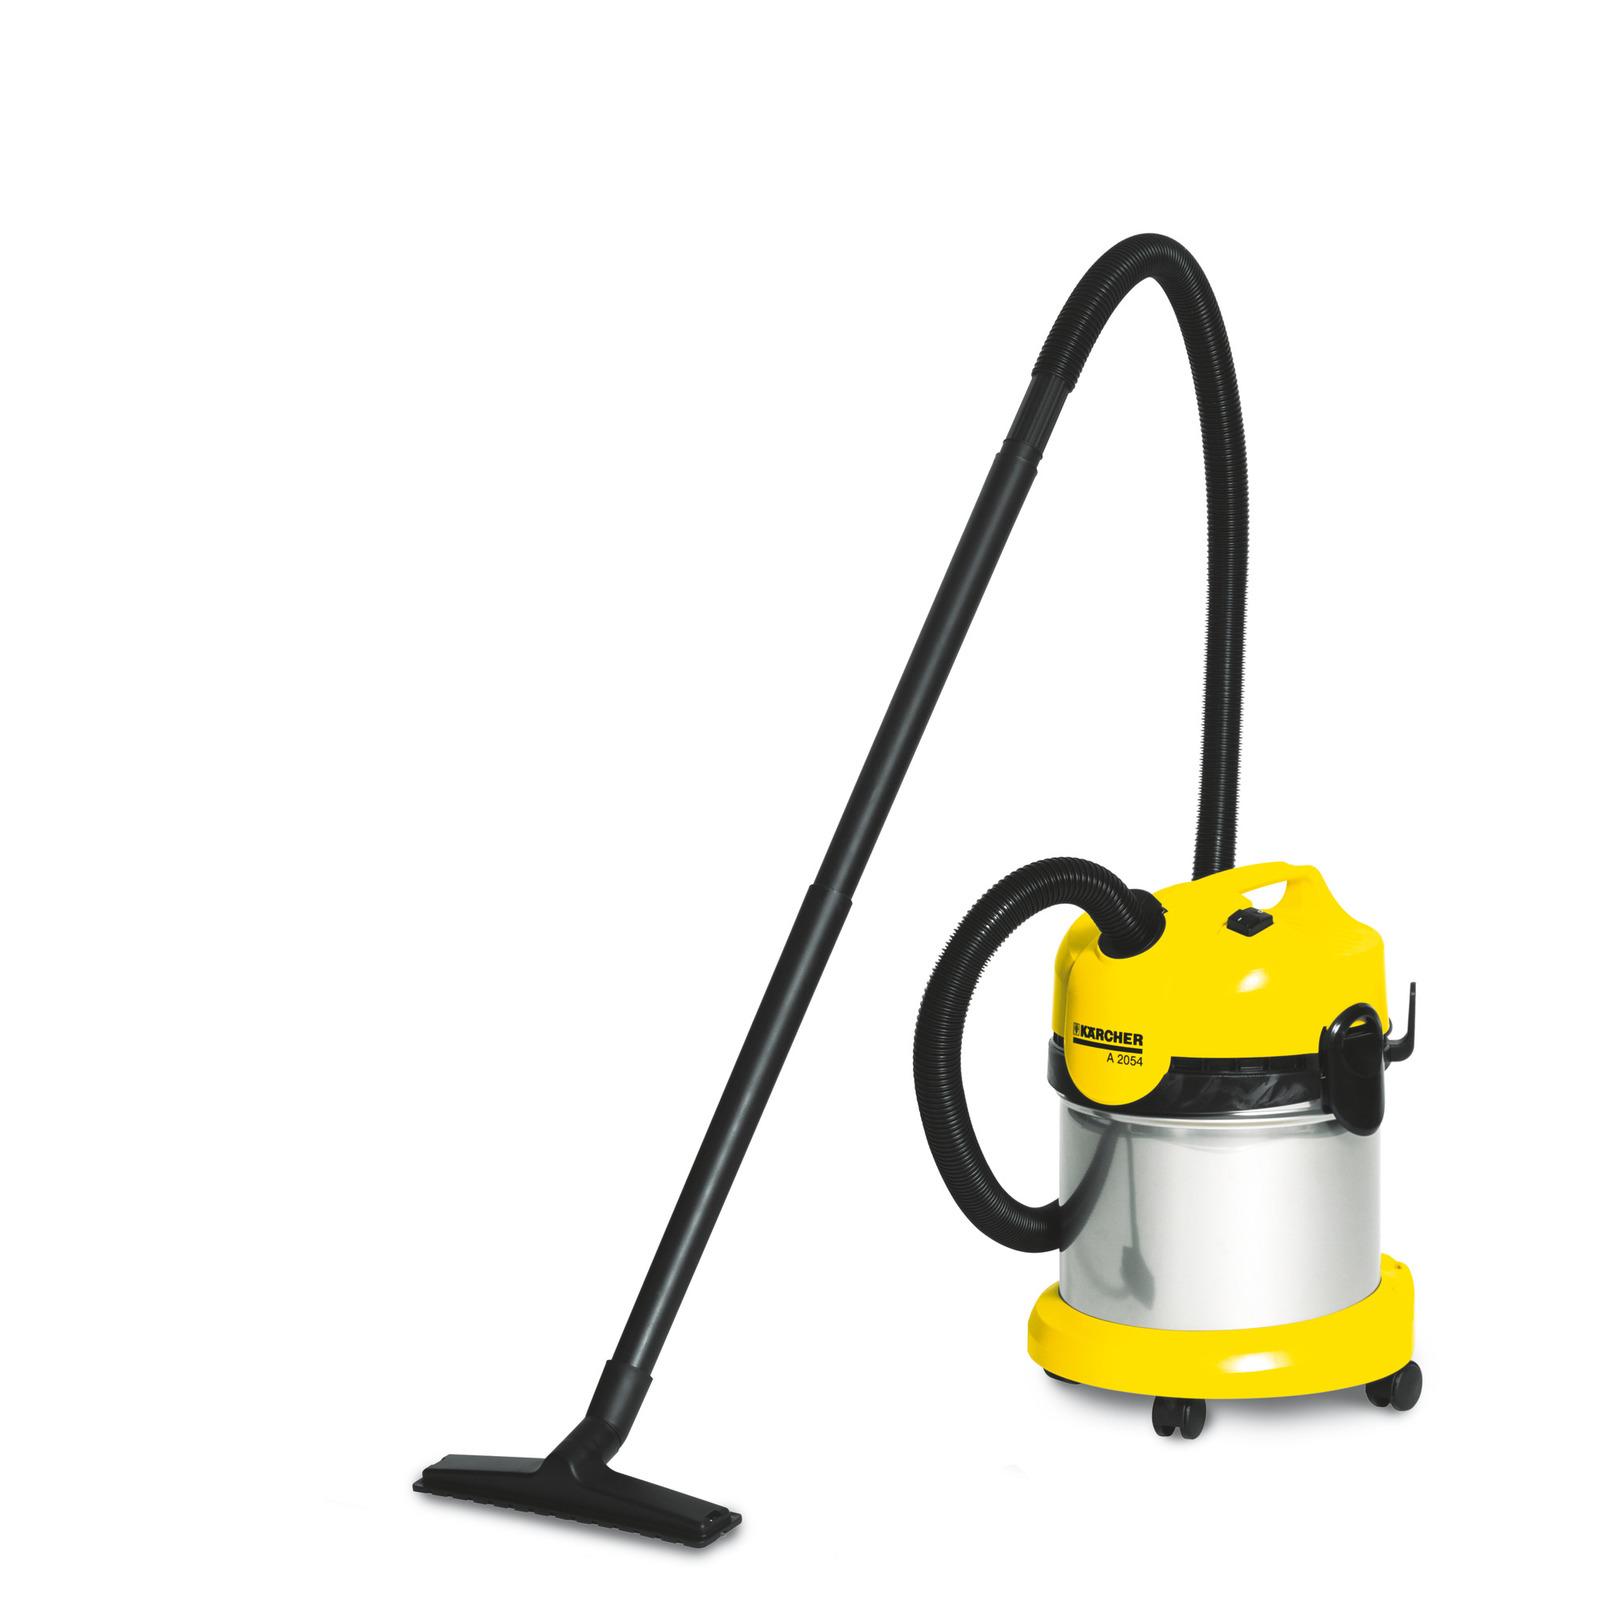 Karcher aspirateur best cartouche filtre pour aspirateur - Filtre aspirateur karcher ...